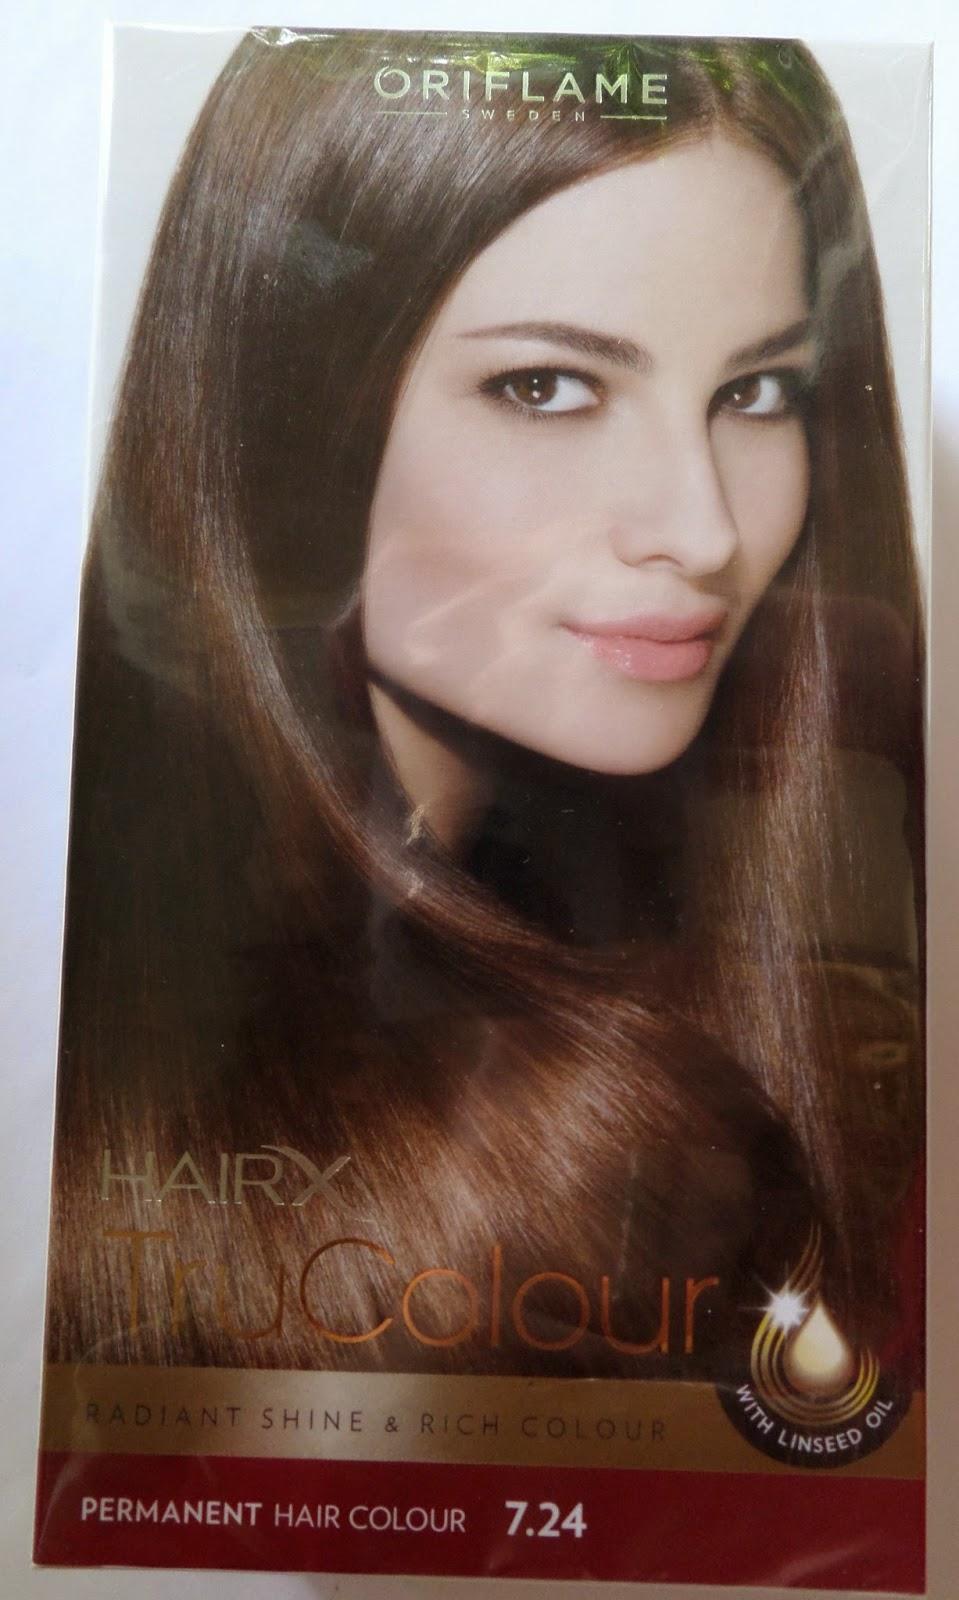 Vopseaua De Păr Hairx Trucolour Blond Arămiu Perlat De La Oriflame